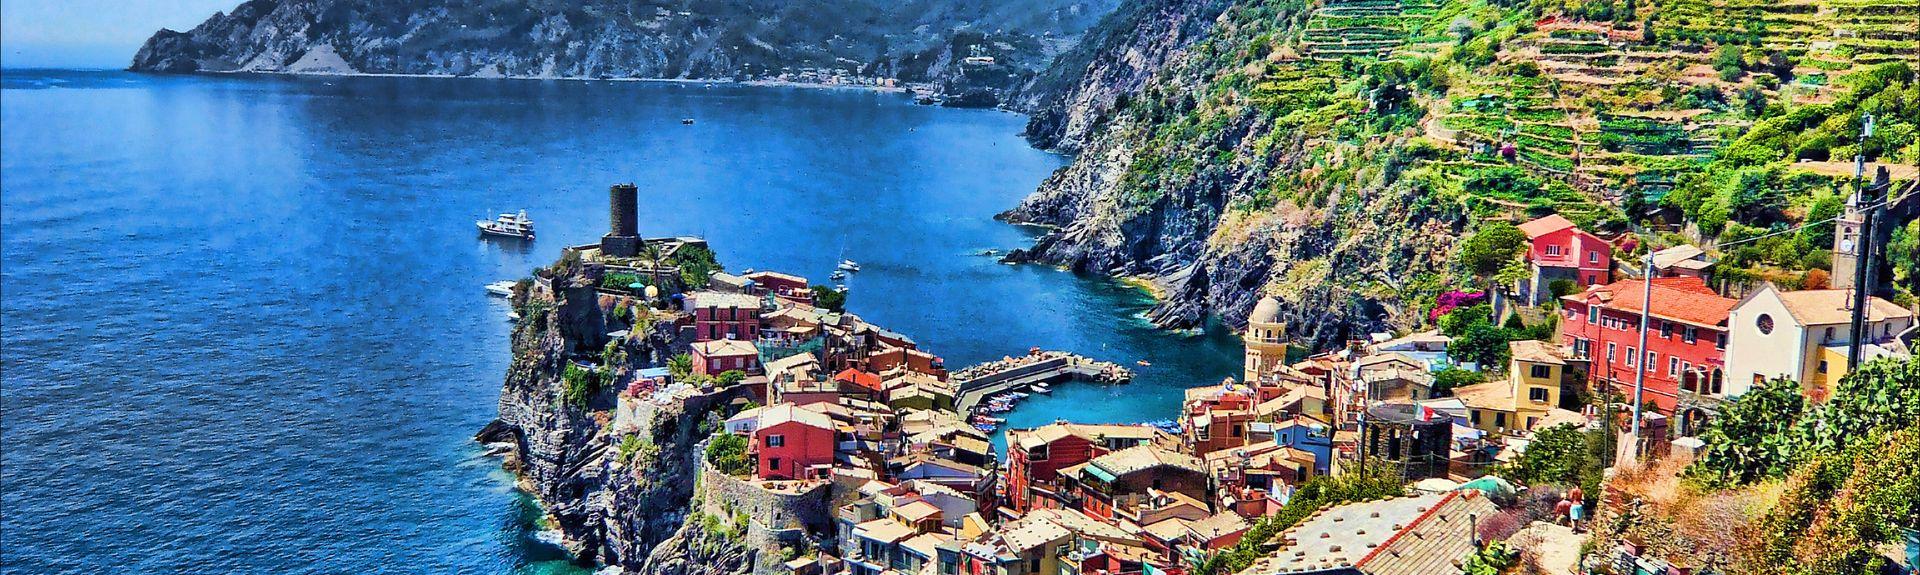 Luni Mare, La Spezia, Liguria, Italy